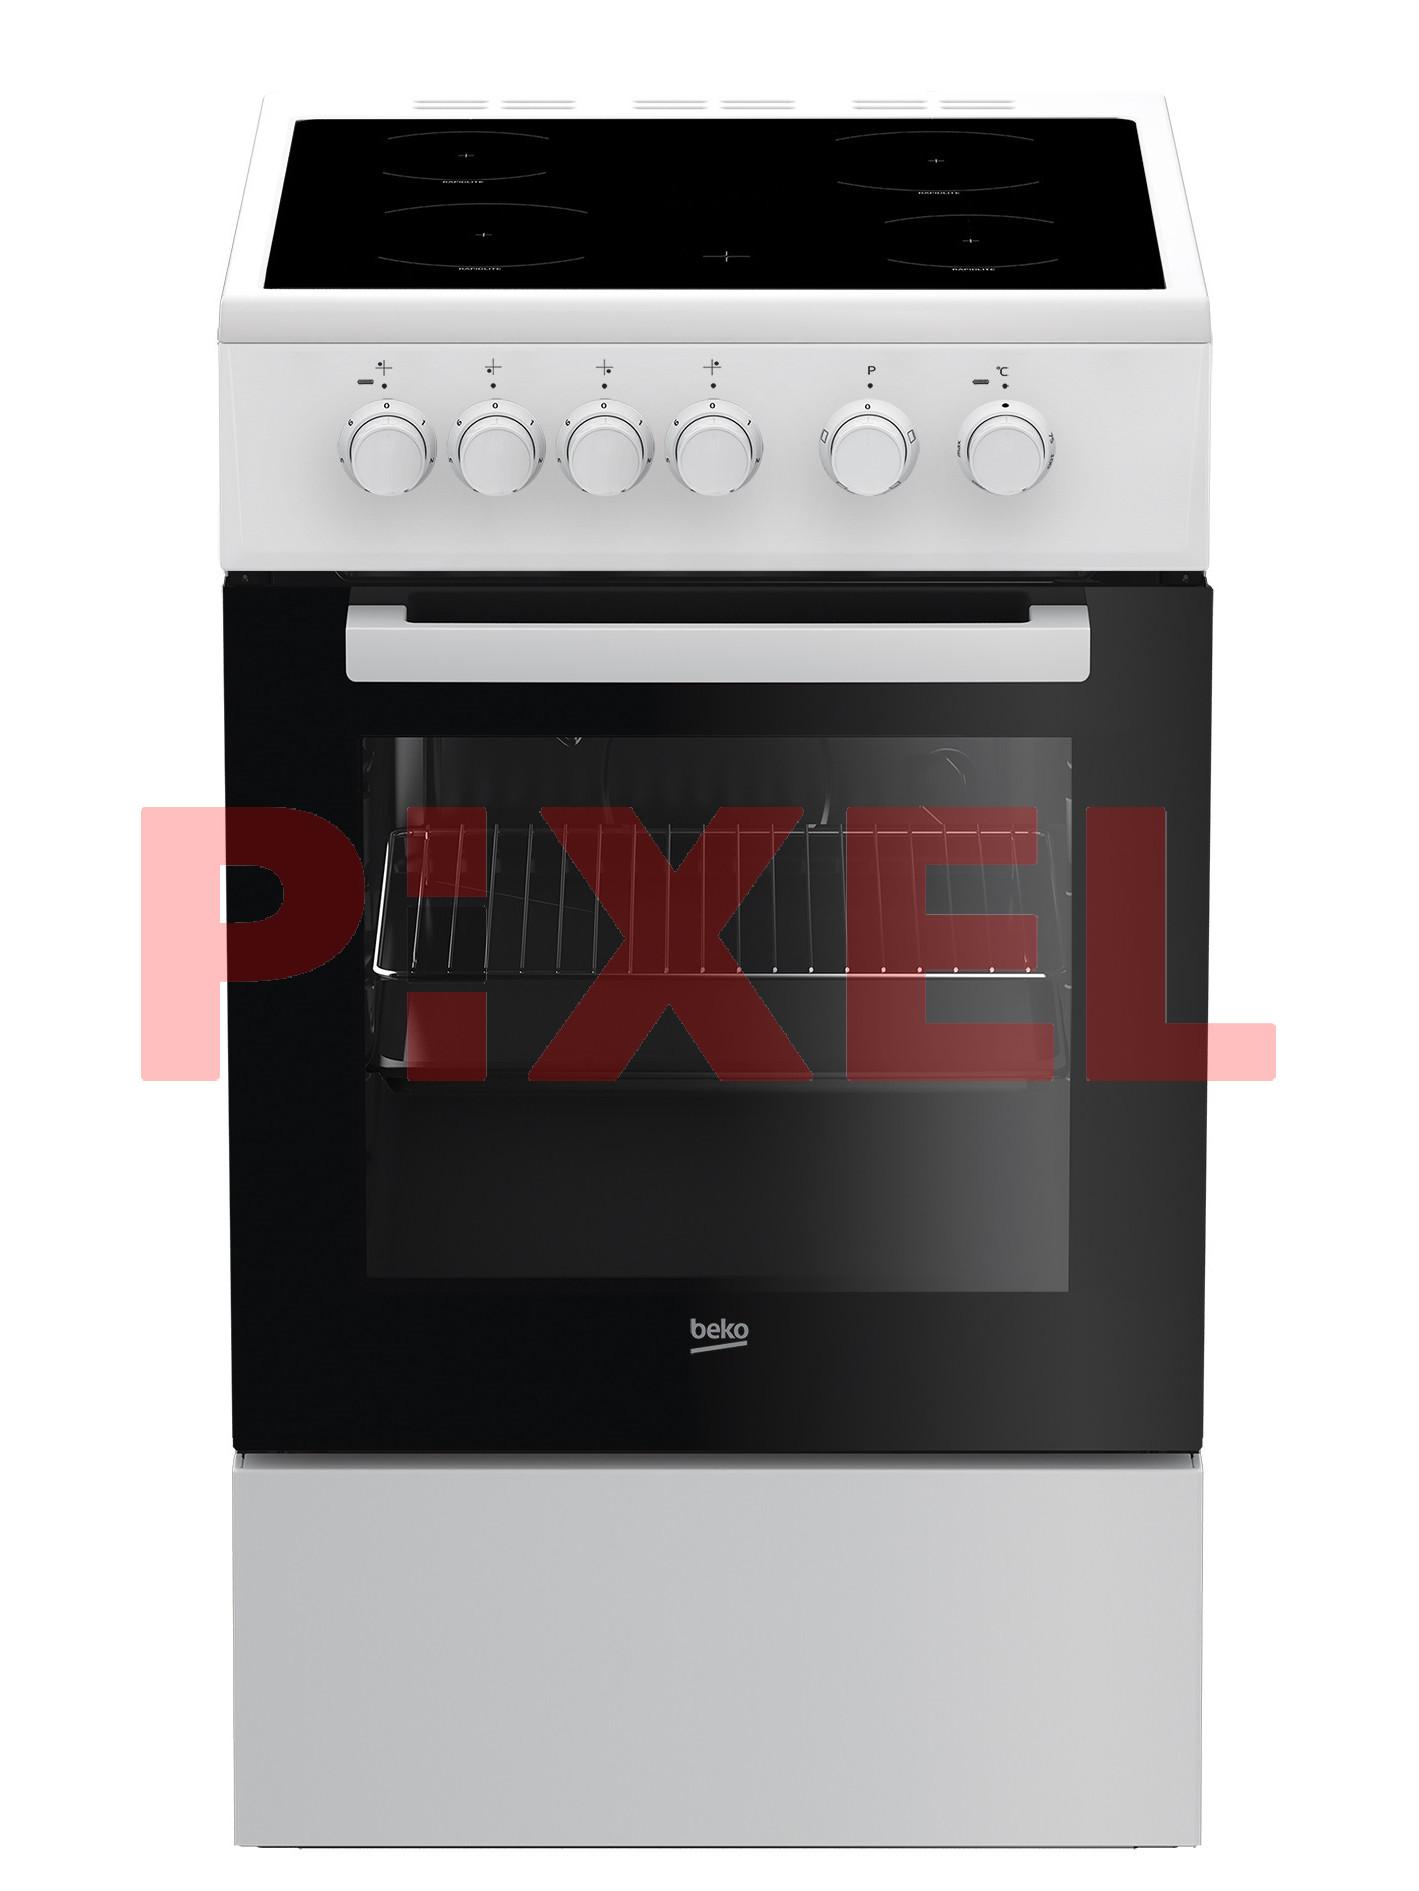 Kuchnia Z Płytą Ceramiczną Beko Fss 57000 Gw Pixel Sklep